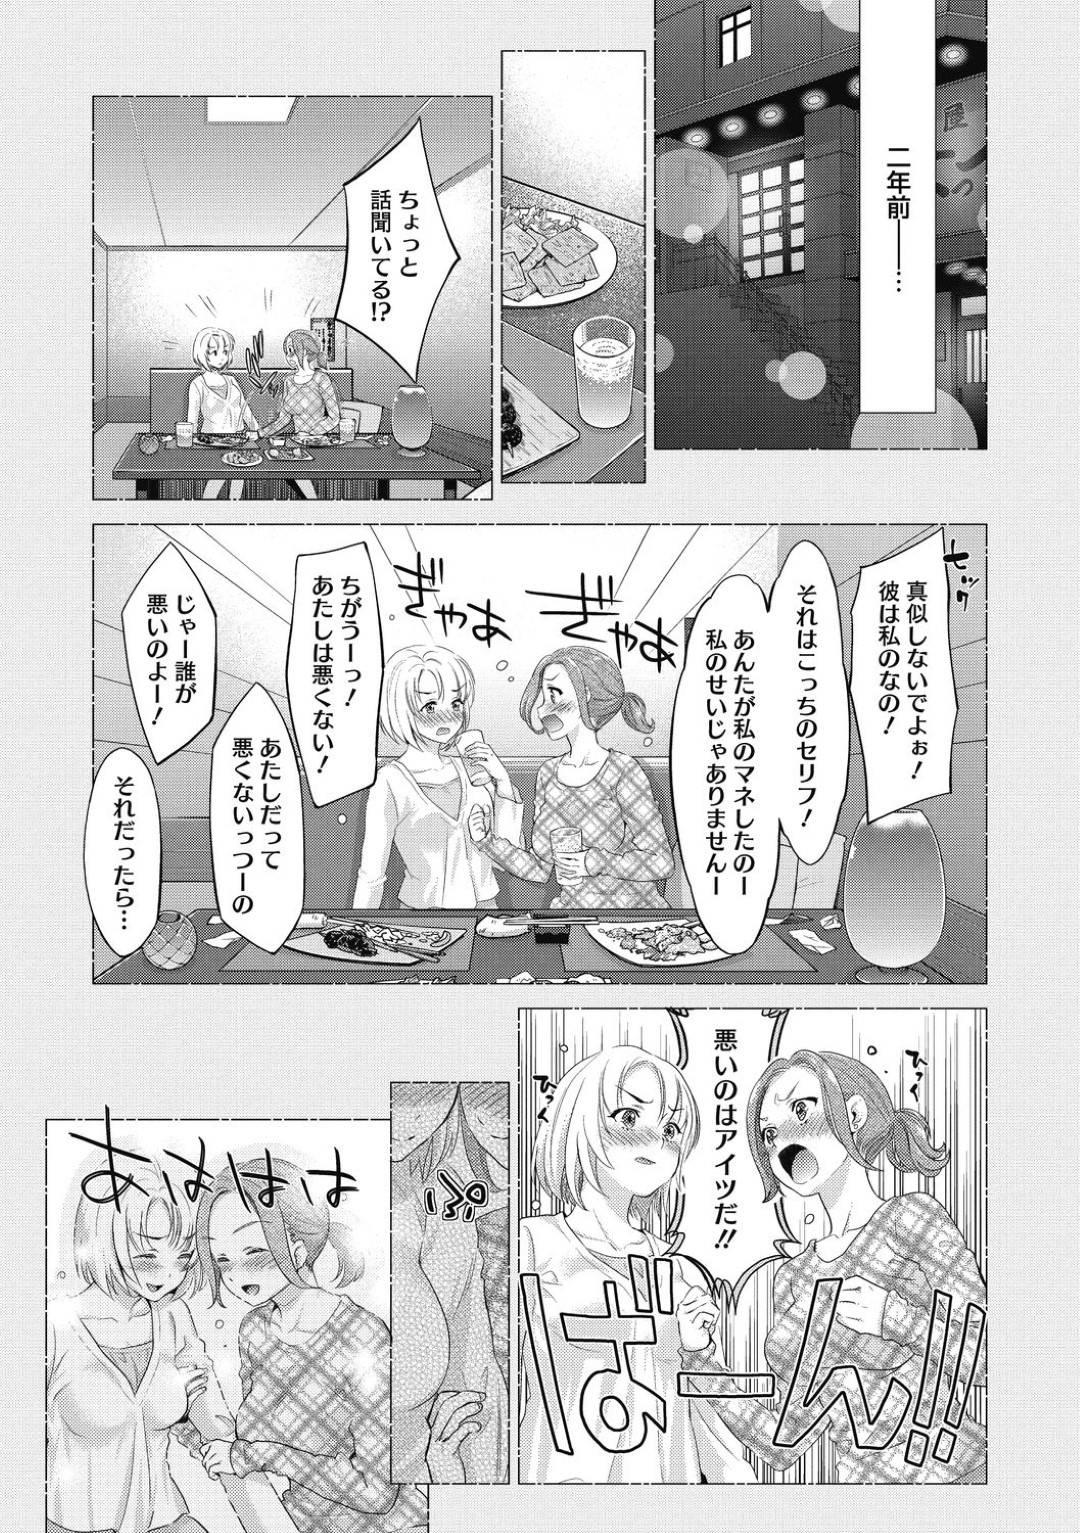 【エロ漫画】同じ男に二股をかけられていたことがきっかけで敵視している同じ職場のOL2人…しかしそれをきっかけにして付き合うようになり同棲している2人は喧嘩が続き仲直りセックスをする!【櫻井ミナミ、うめ丸】